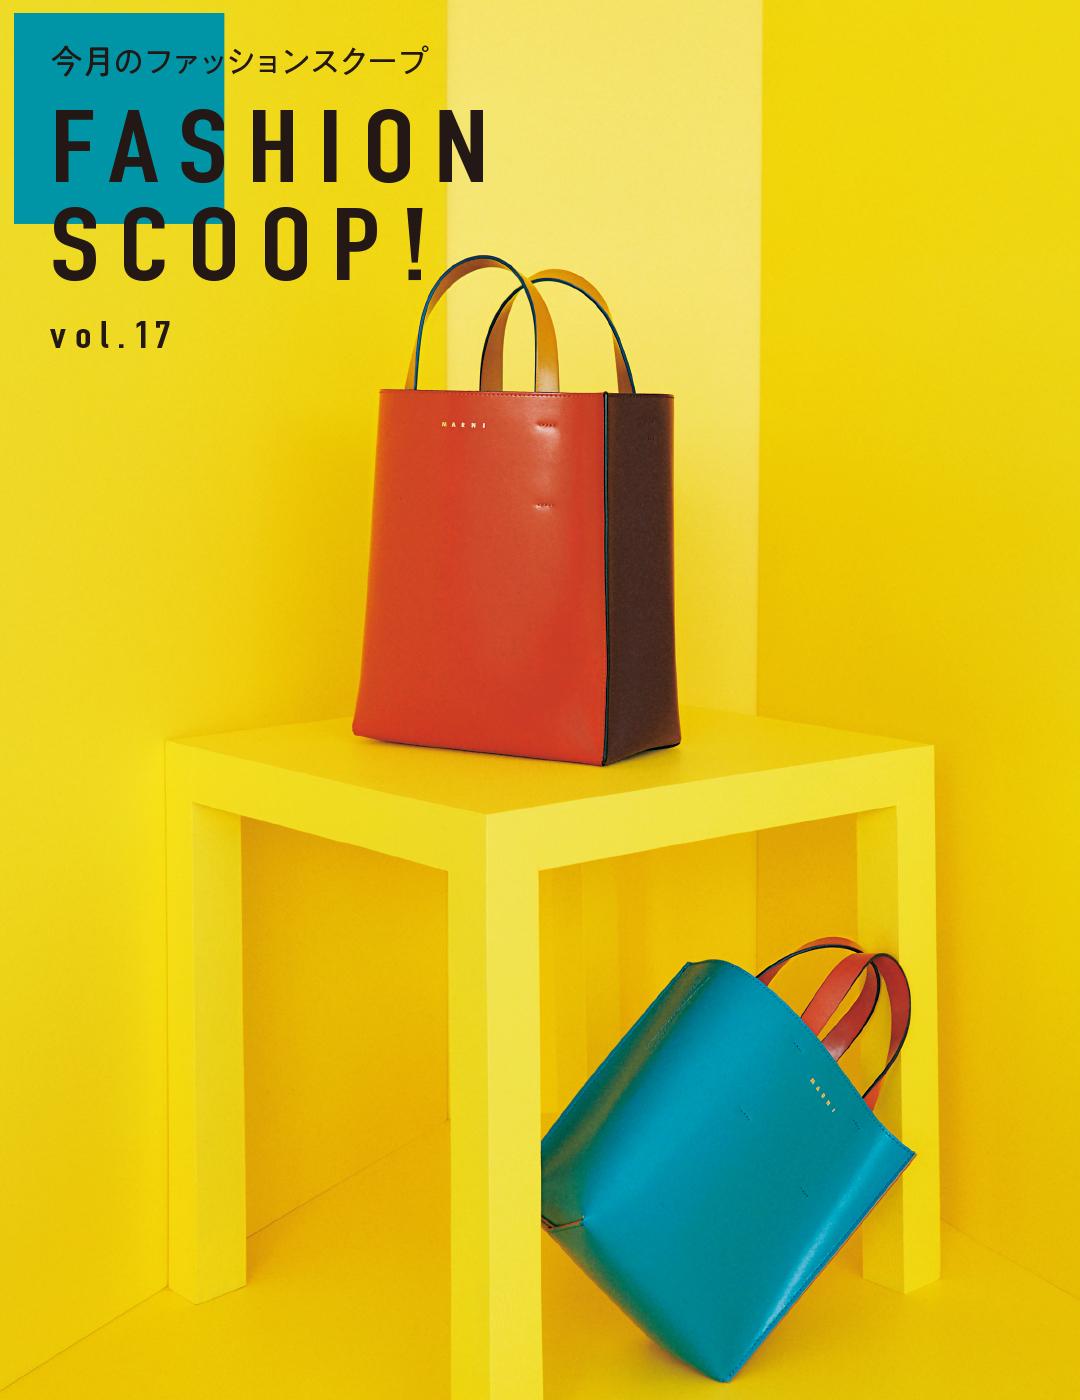 今月のファッションスクープ FASHION SCOOP! vol.17